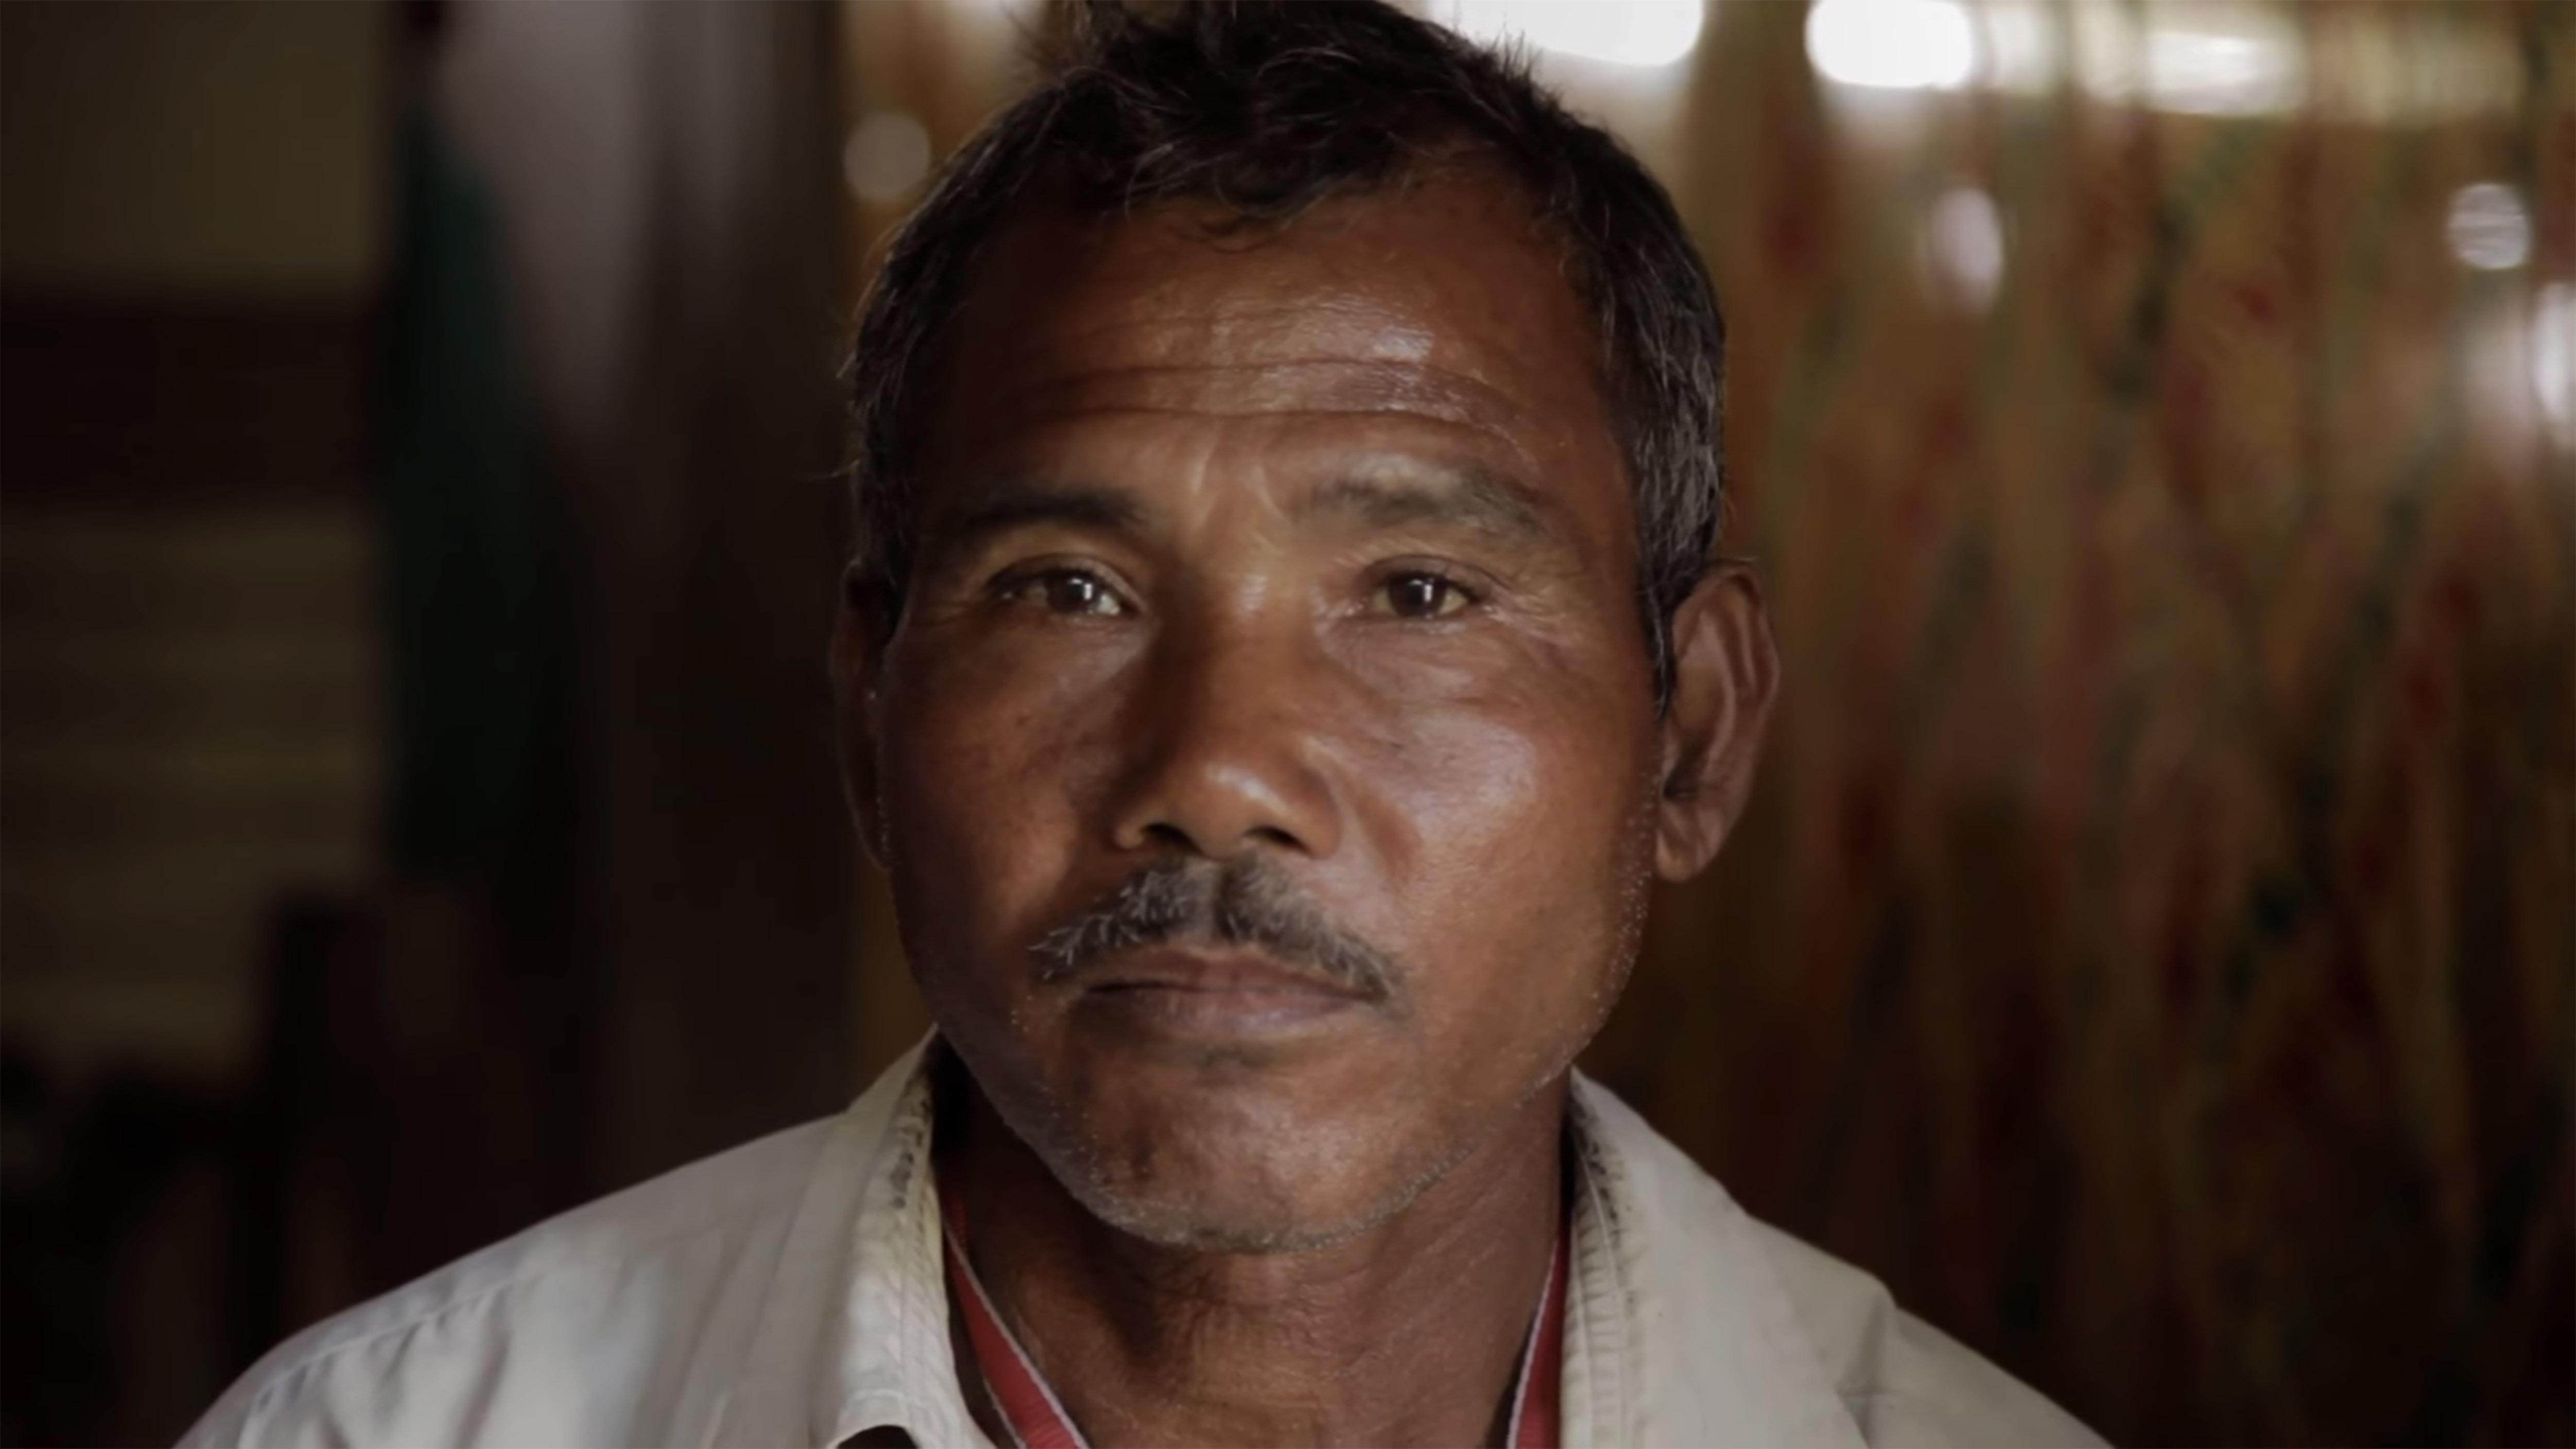 Jadav Payeng - Forest man